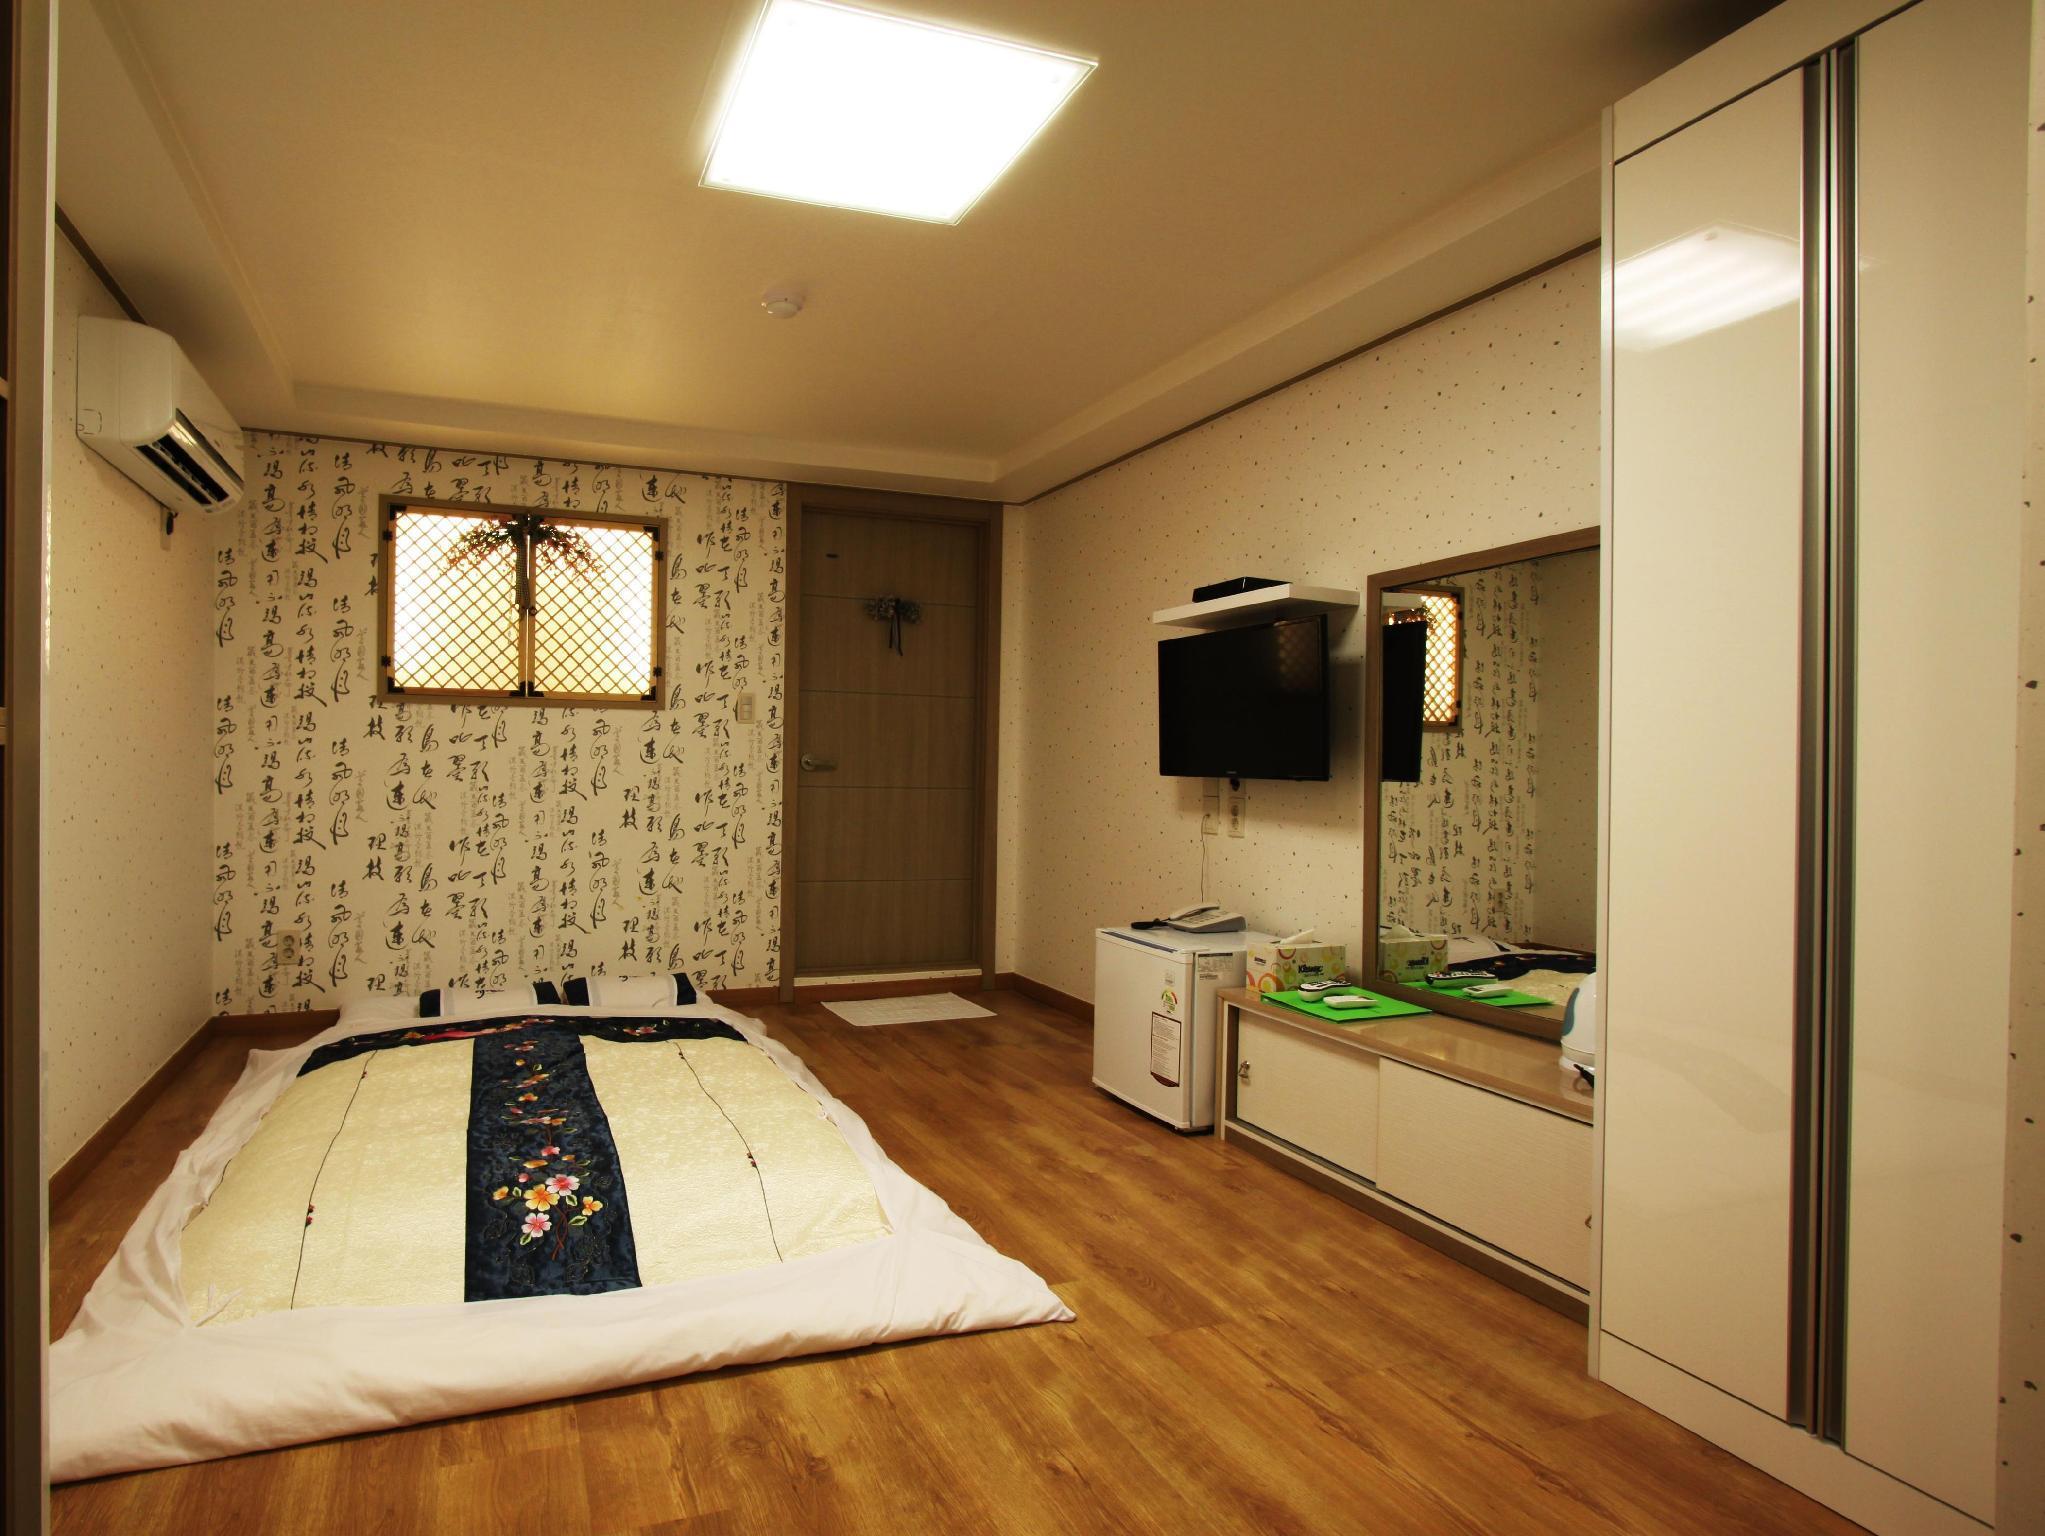 sieoso hotel seoul in south korea room deals photos reviews rh agoda com